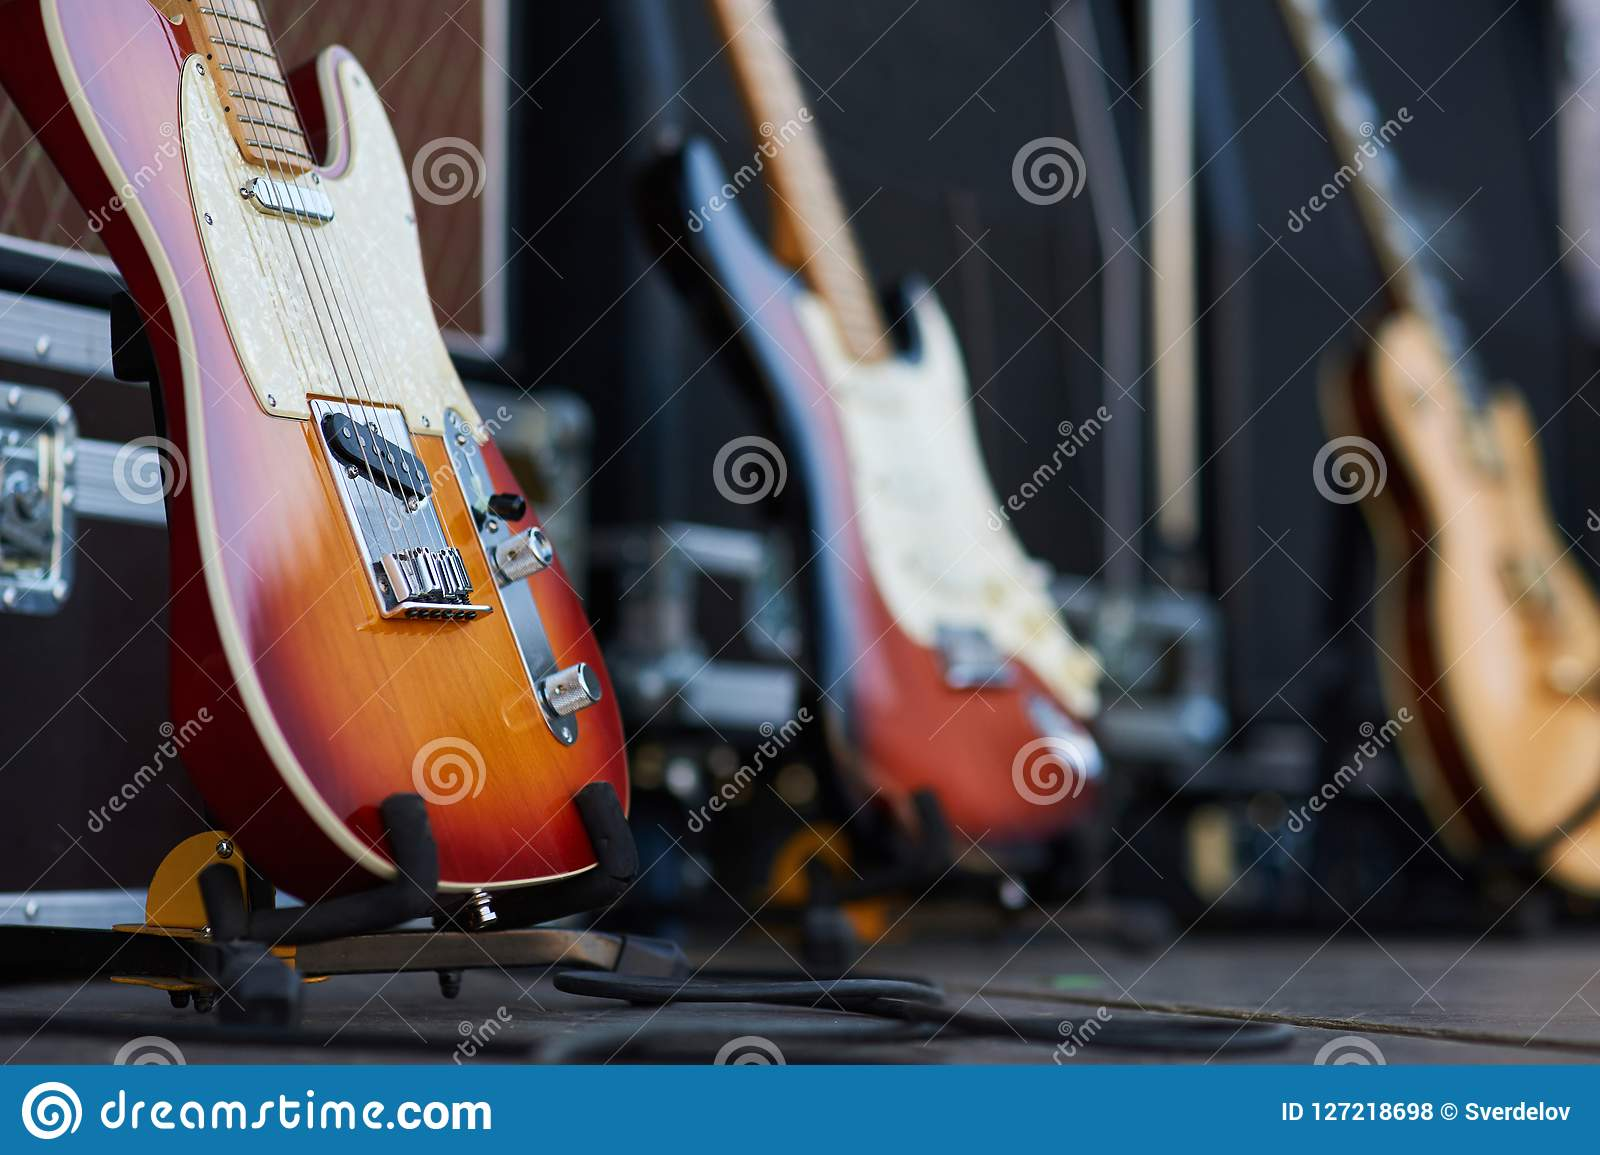 Усилитель с электрической гитарой на этапе аппаратура музыки установленная для гитариста отсутствие людей